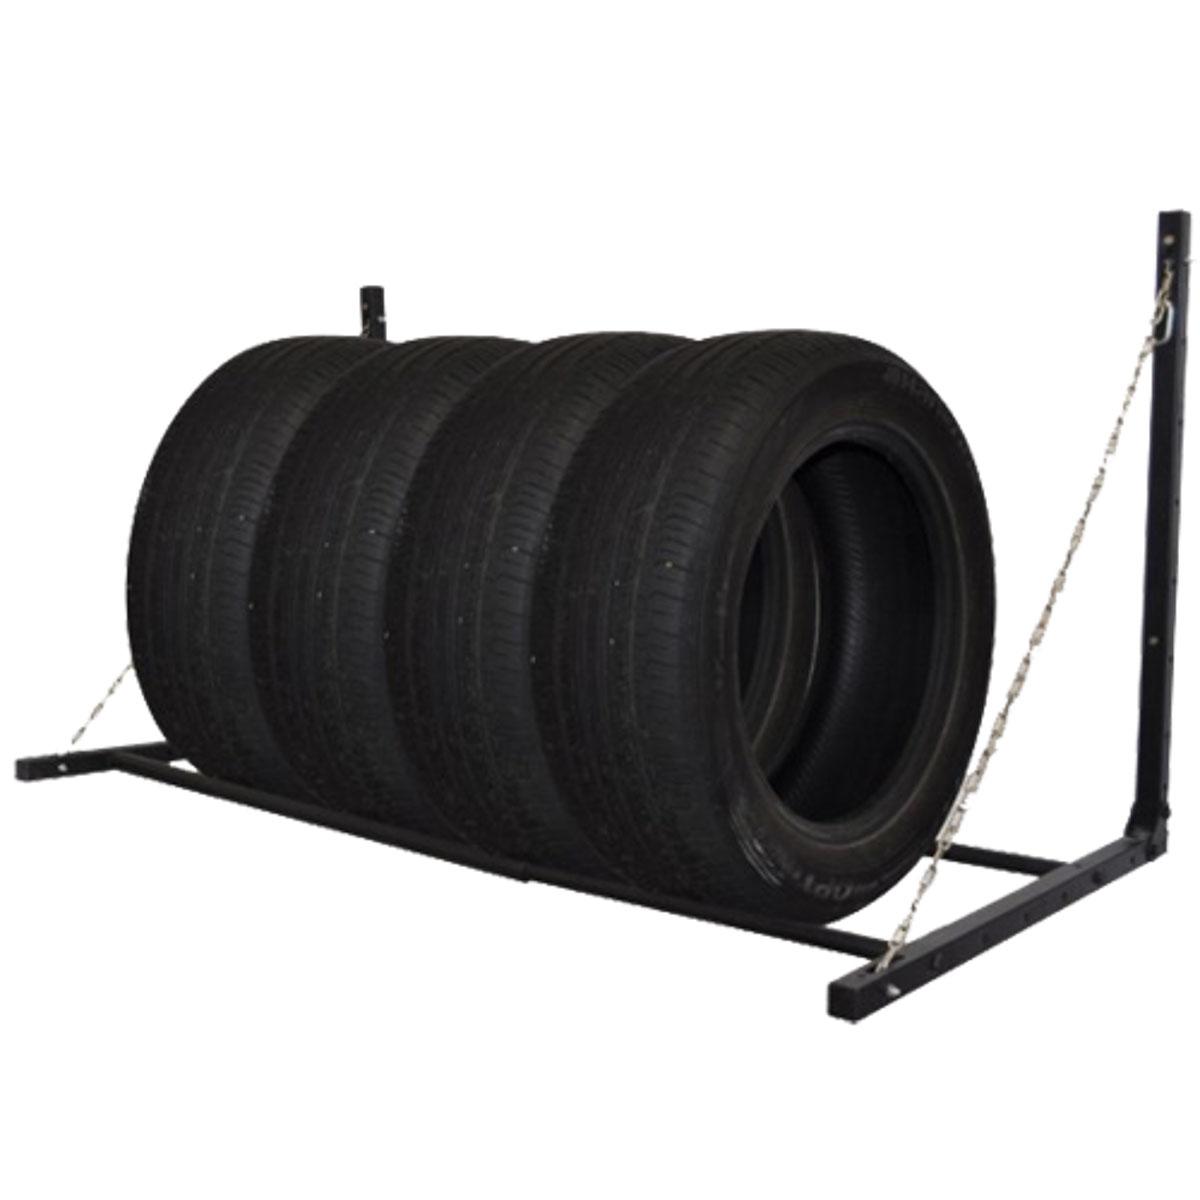 Полка для хранения колес МастерПрофАС.050004Полка для хранения колес МастерПроф - система настенного хранения колёс. Идеально подходит для организации пространства.Максимальная нагрузка 200 кг. Выдерживает 4 колеса с дисками.Изготовлена из прочных стальных труб. Размер в собранном виде: 140 х 73 х 70 см.Размер упаковки: 82 х 10,5 х 8 см. Вес: 7,85 кг.